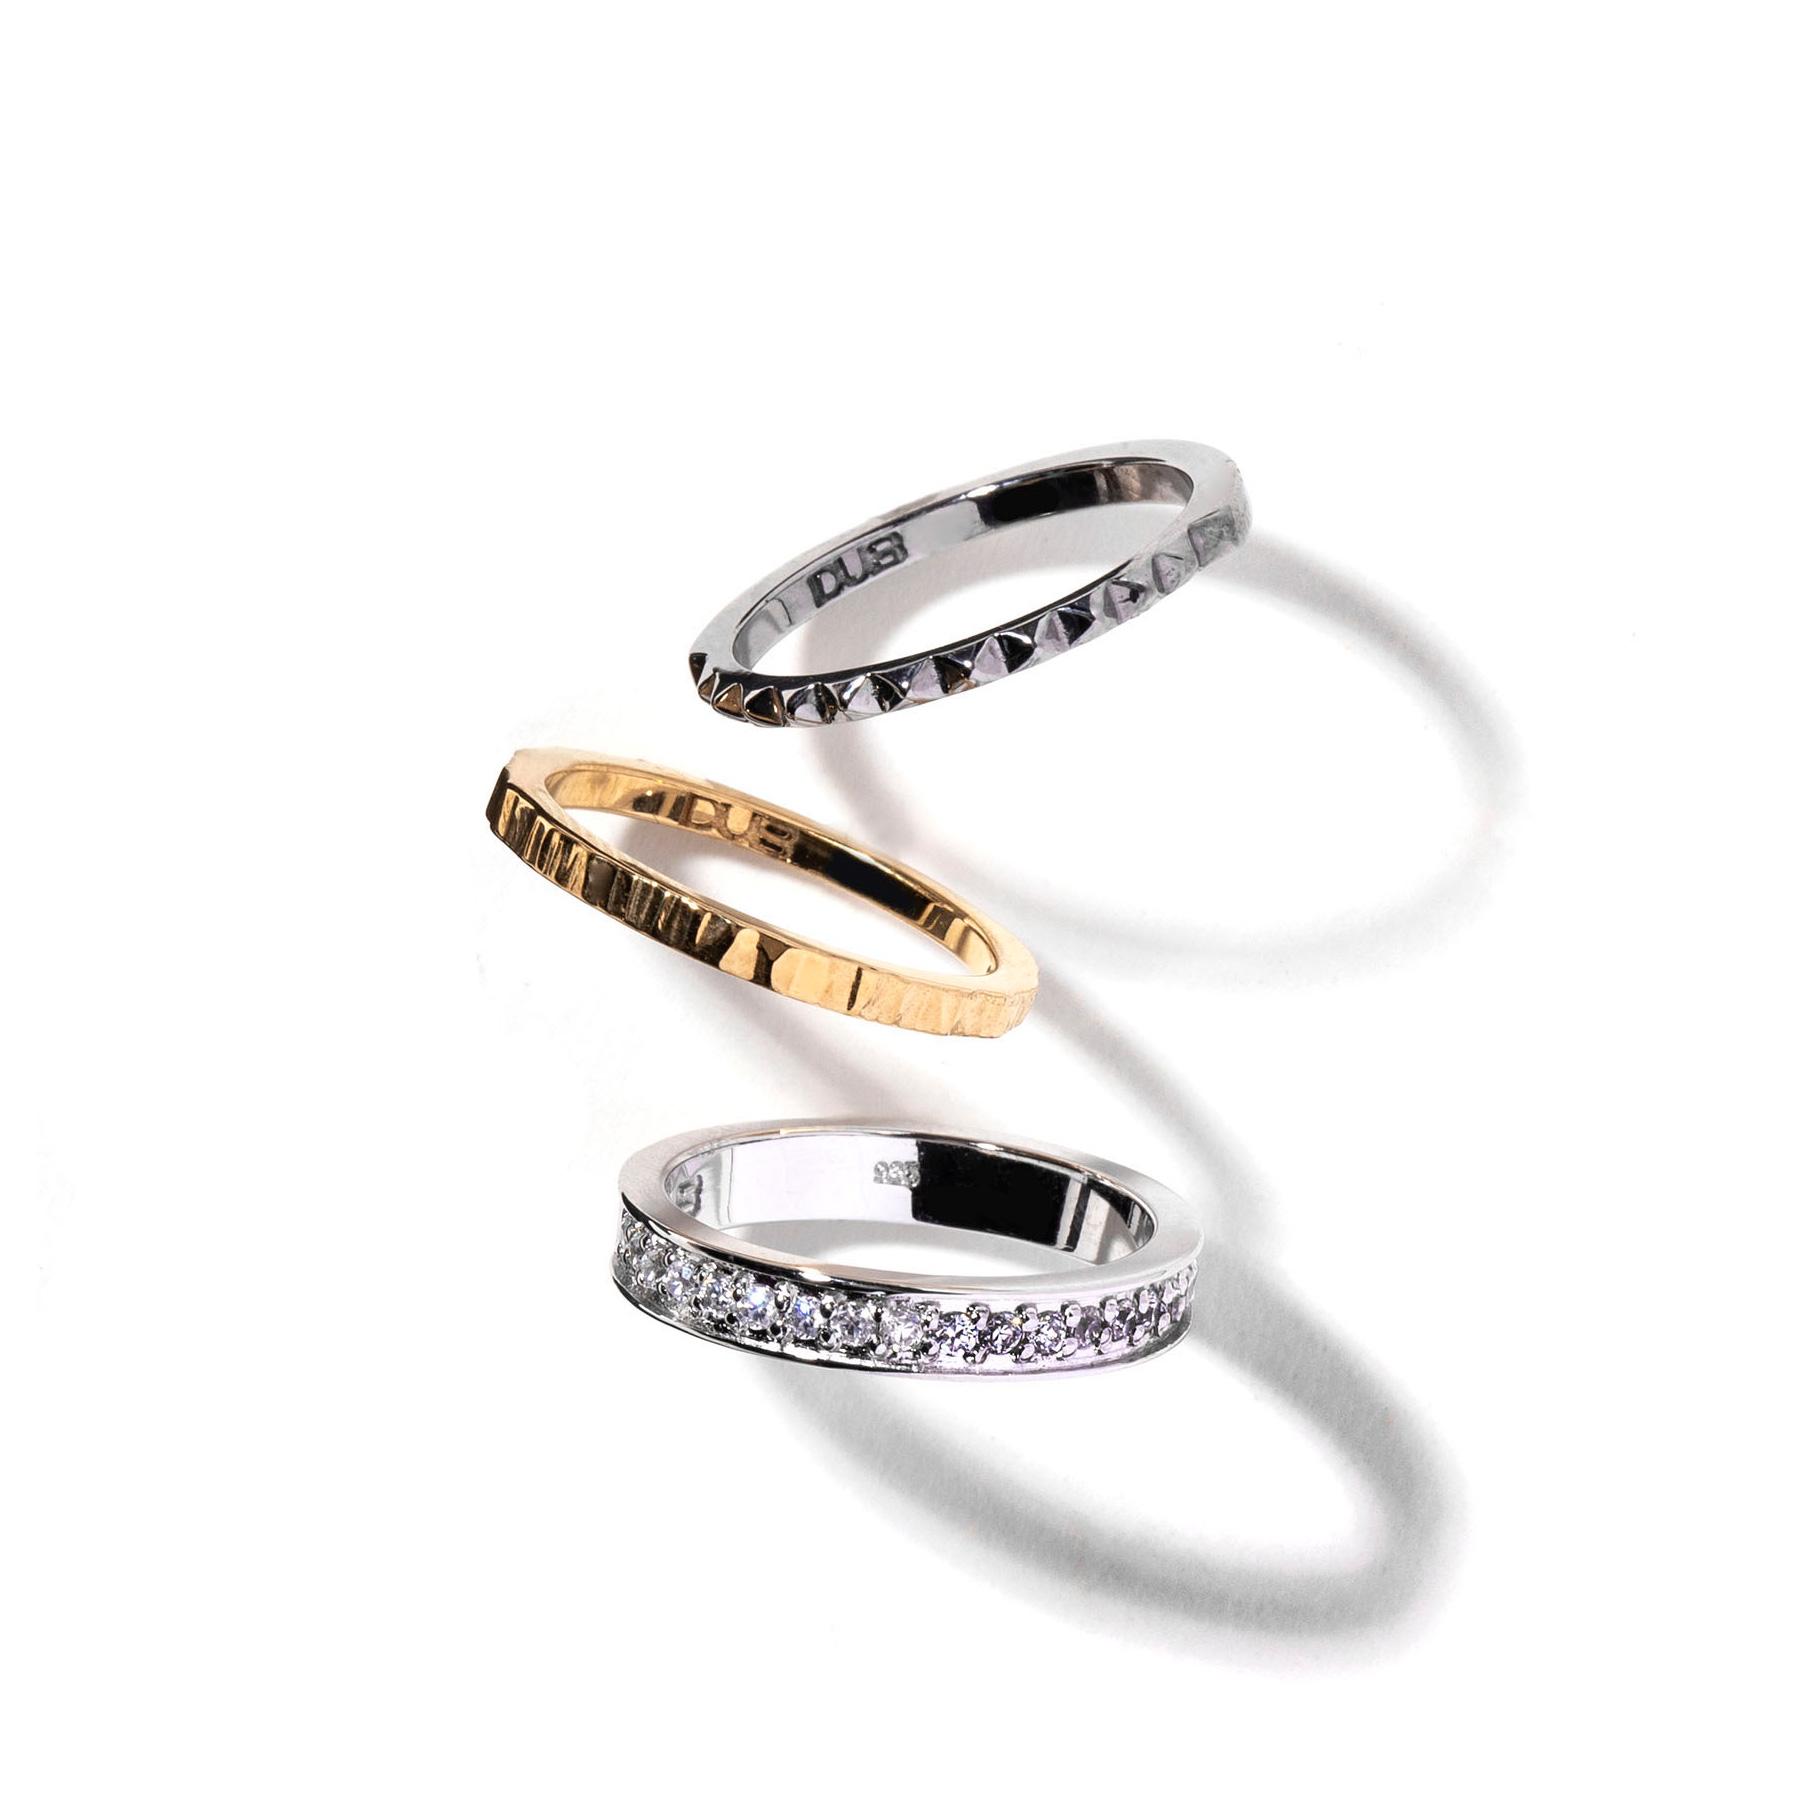 受注生産(オーダー)【DUB collection|ダブコレクション】Trinity Ring トリニティリング DUBj-386-1【ユニセックス】